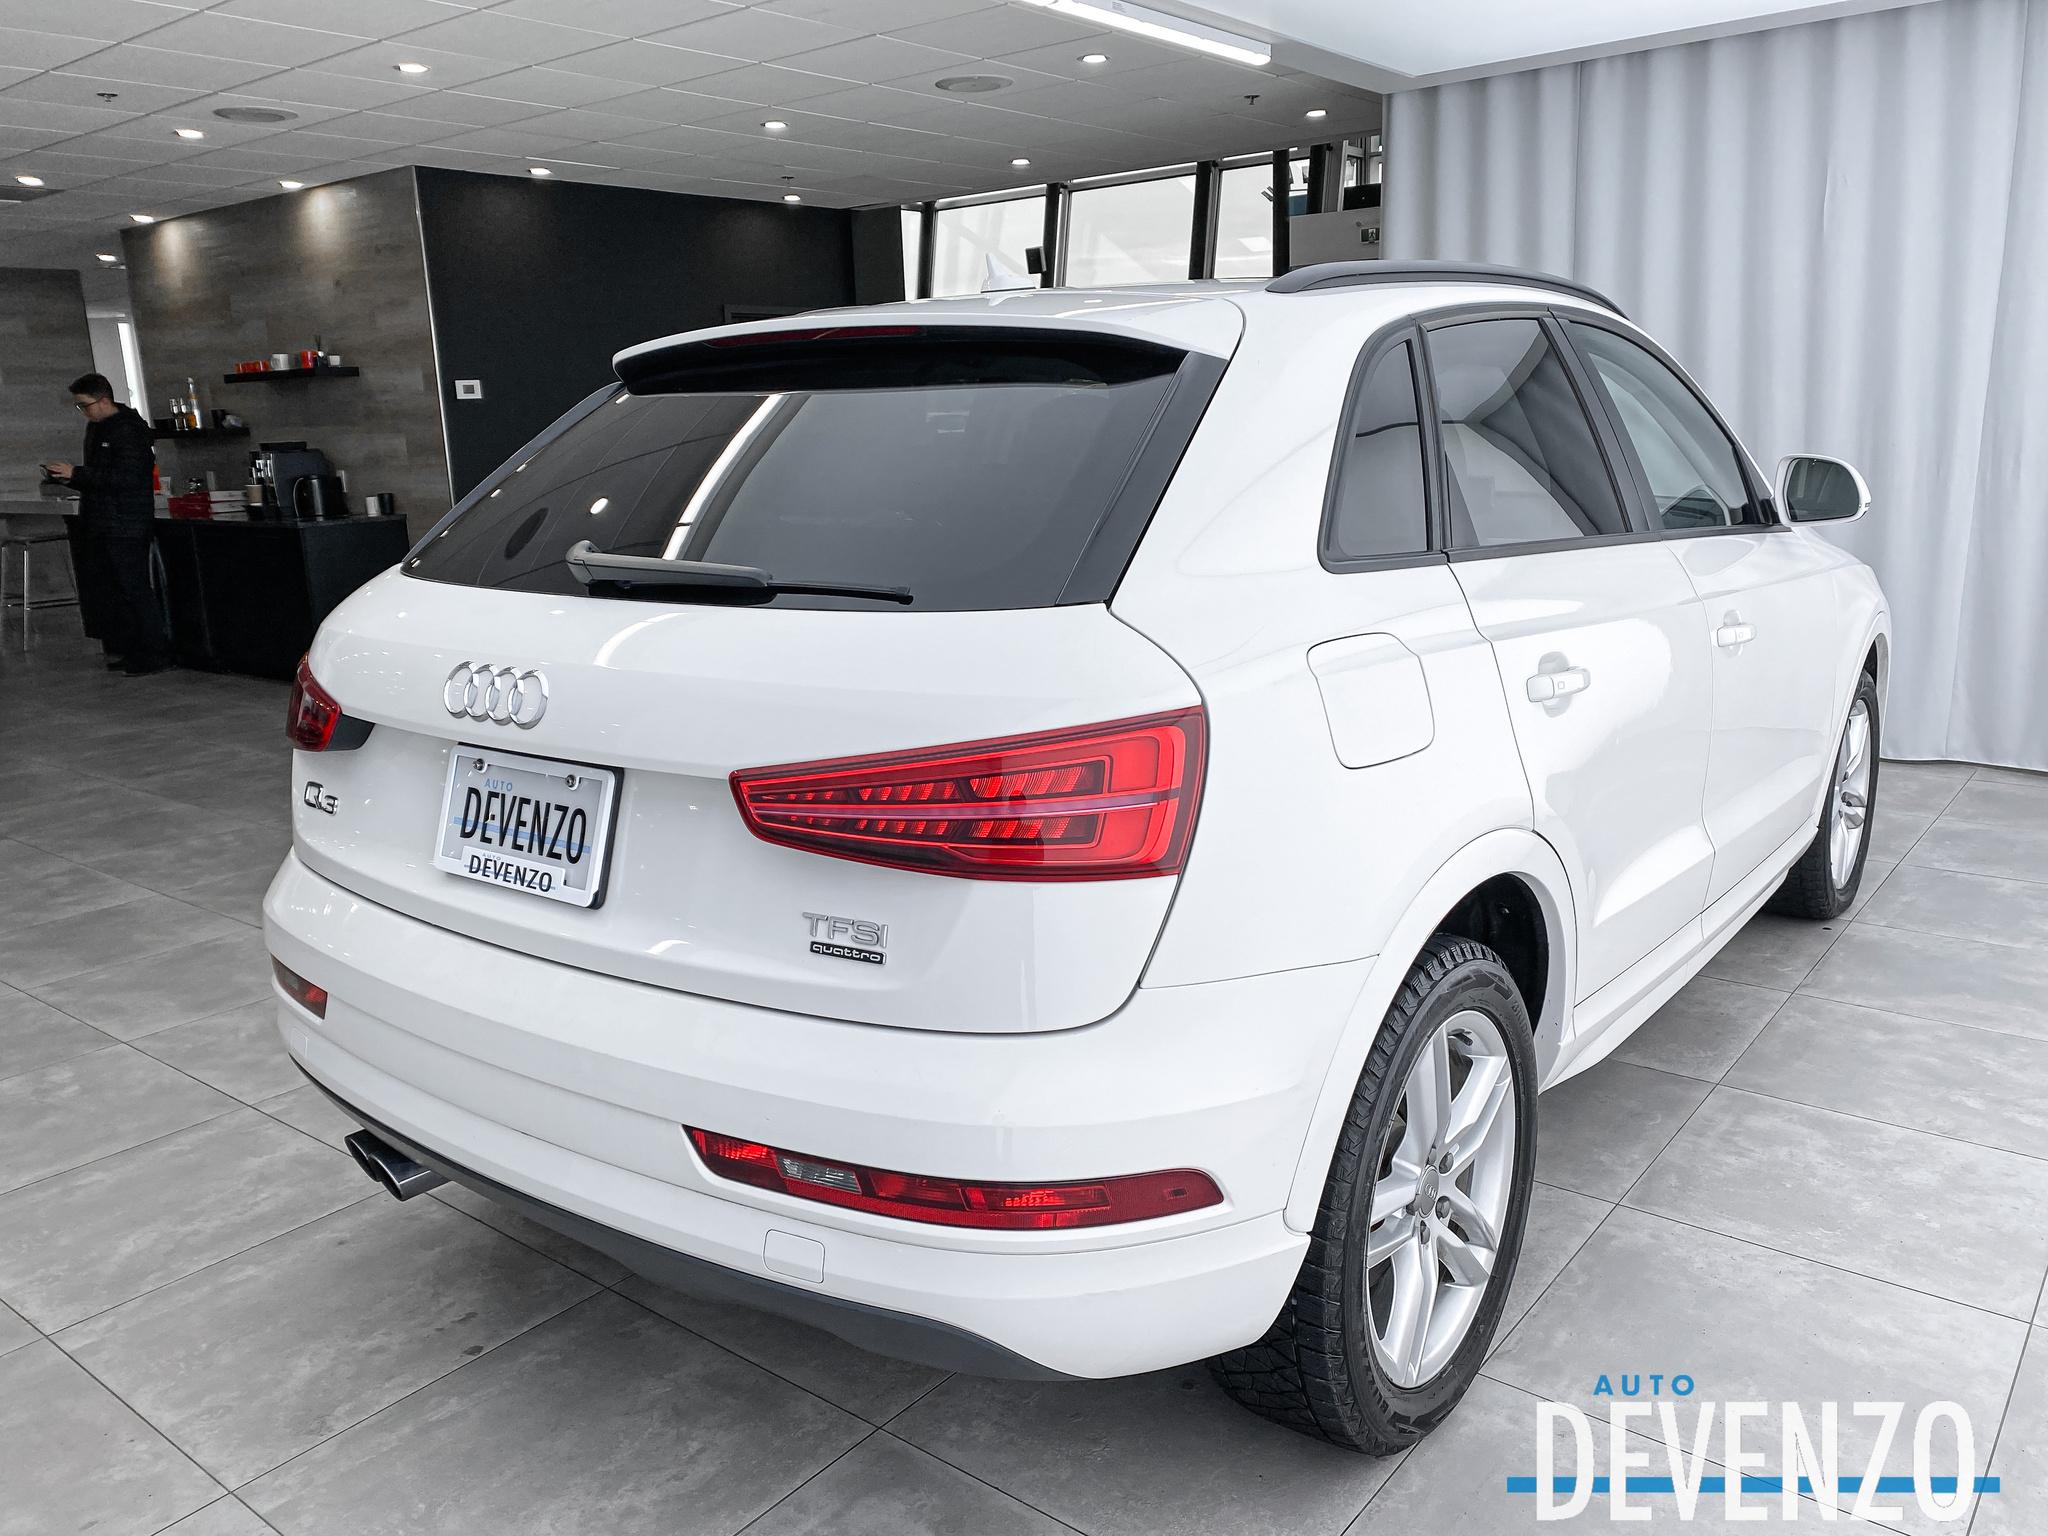 2017 Audi Q3 QUATTRO 2.0T Komfort Toit Panoramique / Camera full